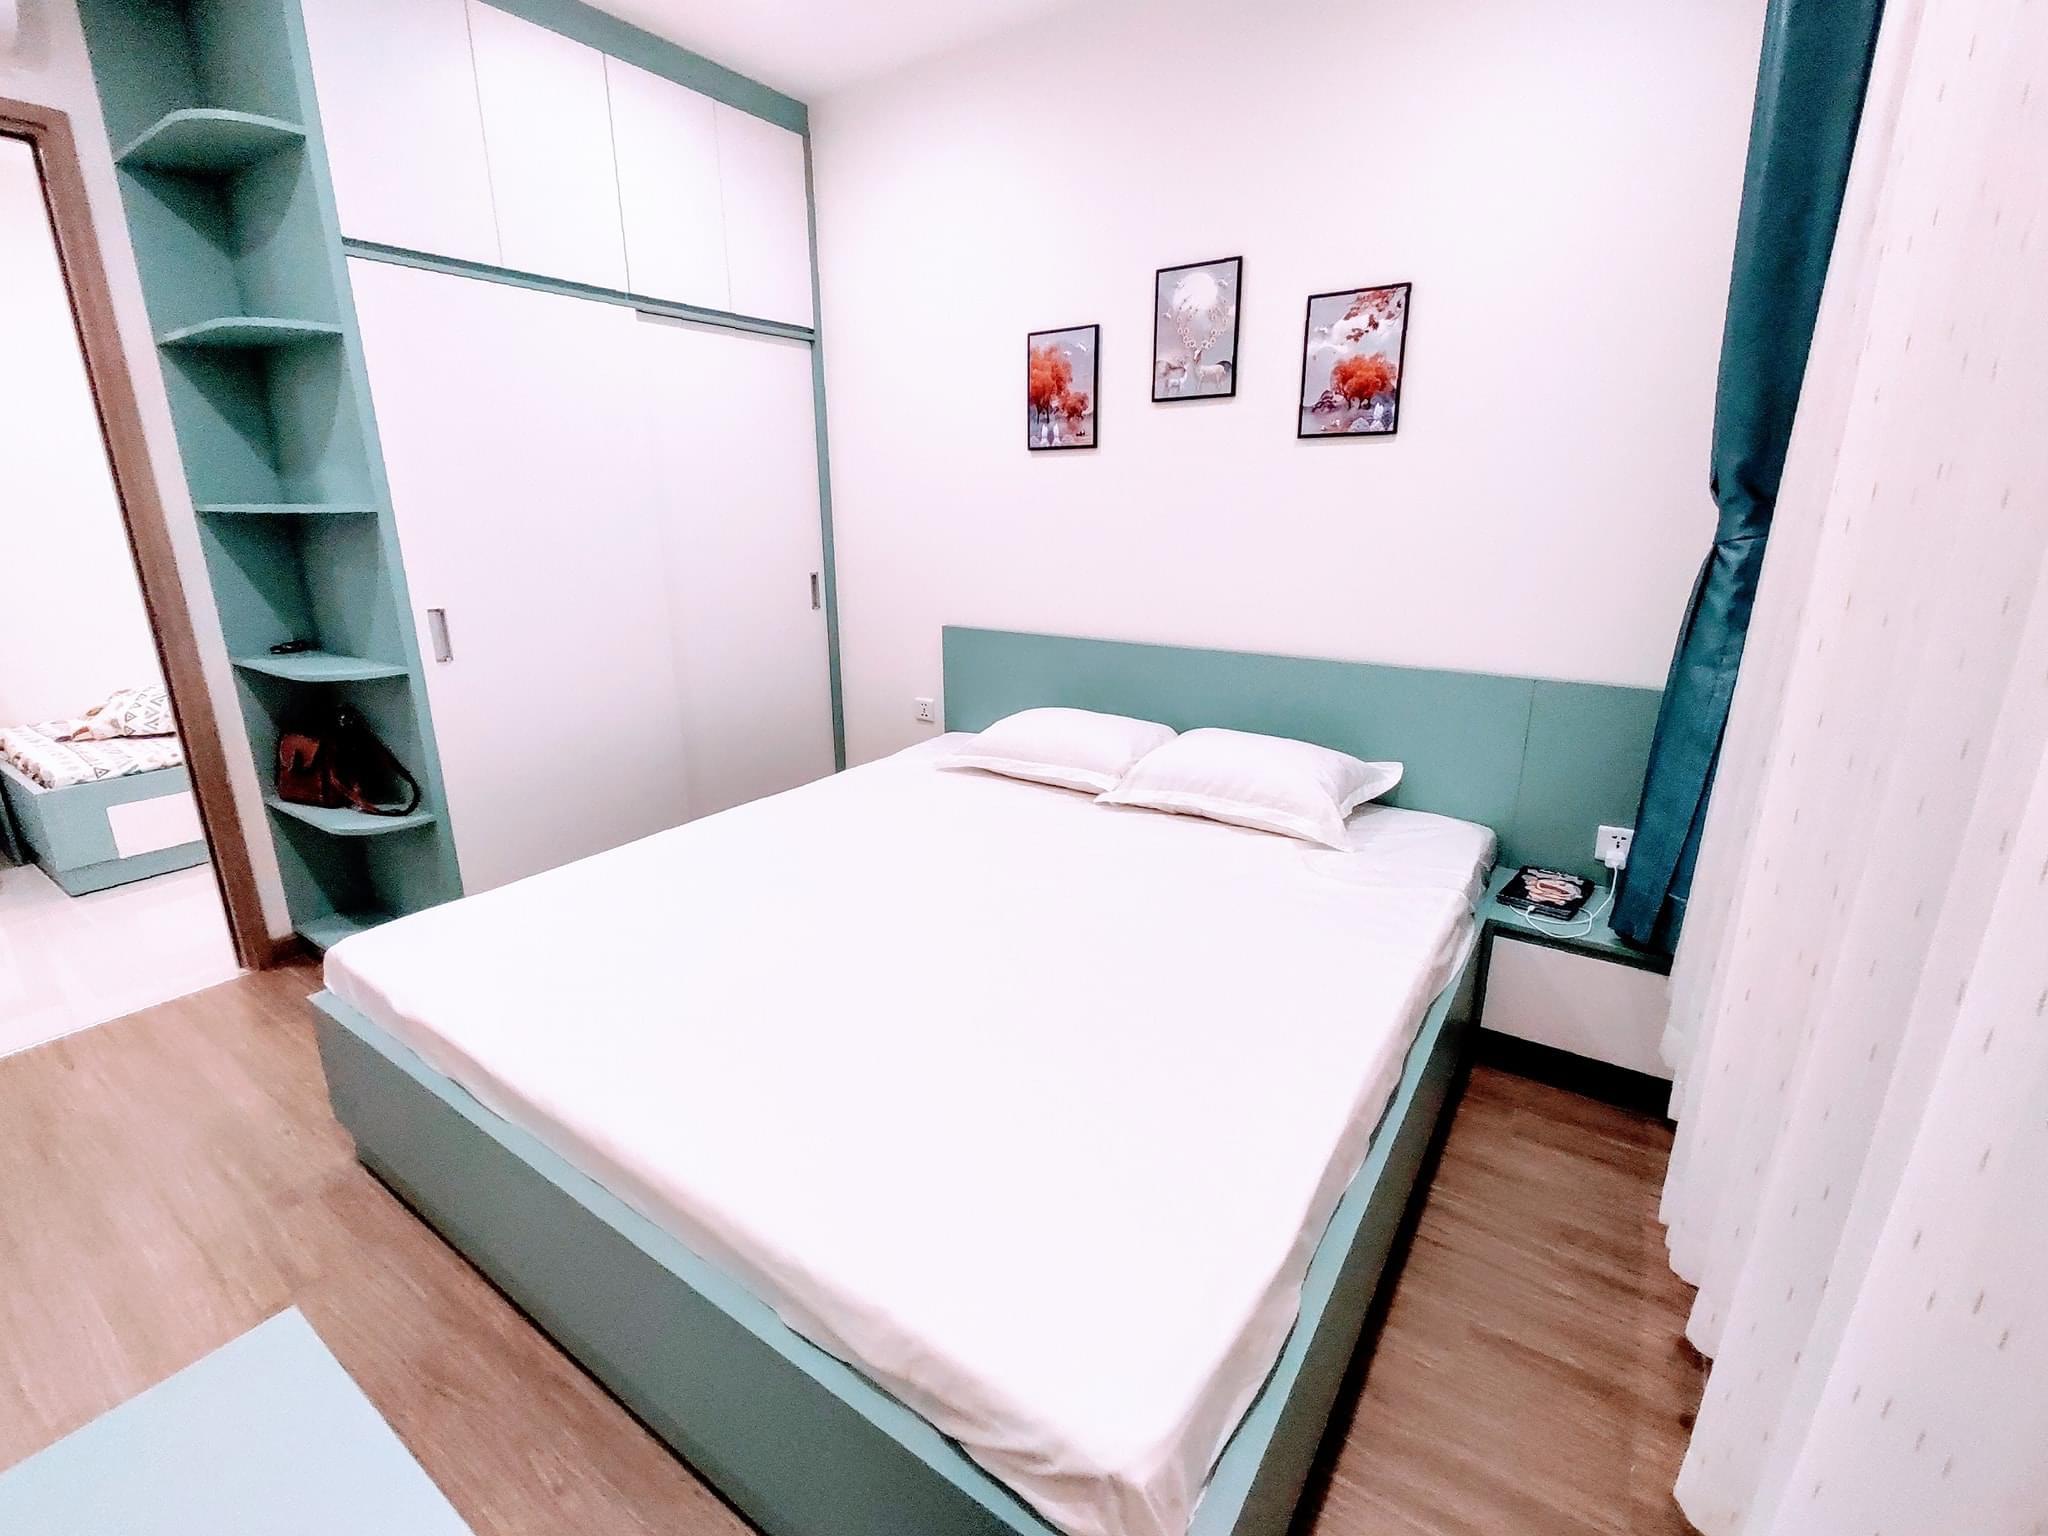 Căn hộ 1 phòng ngủ 48m2 Toà S3.01 Nội thất giá 6,5tr/tháng 8